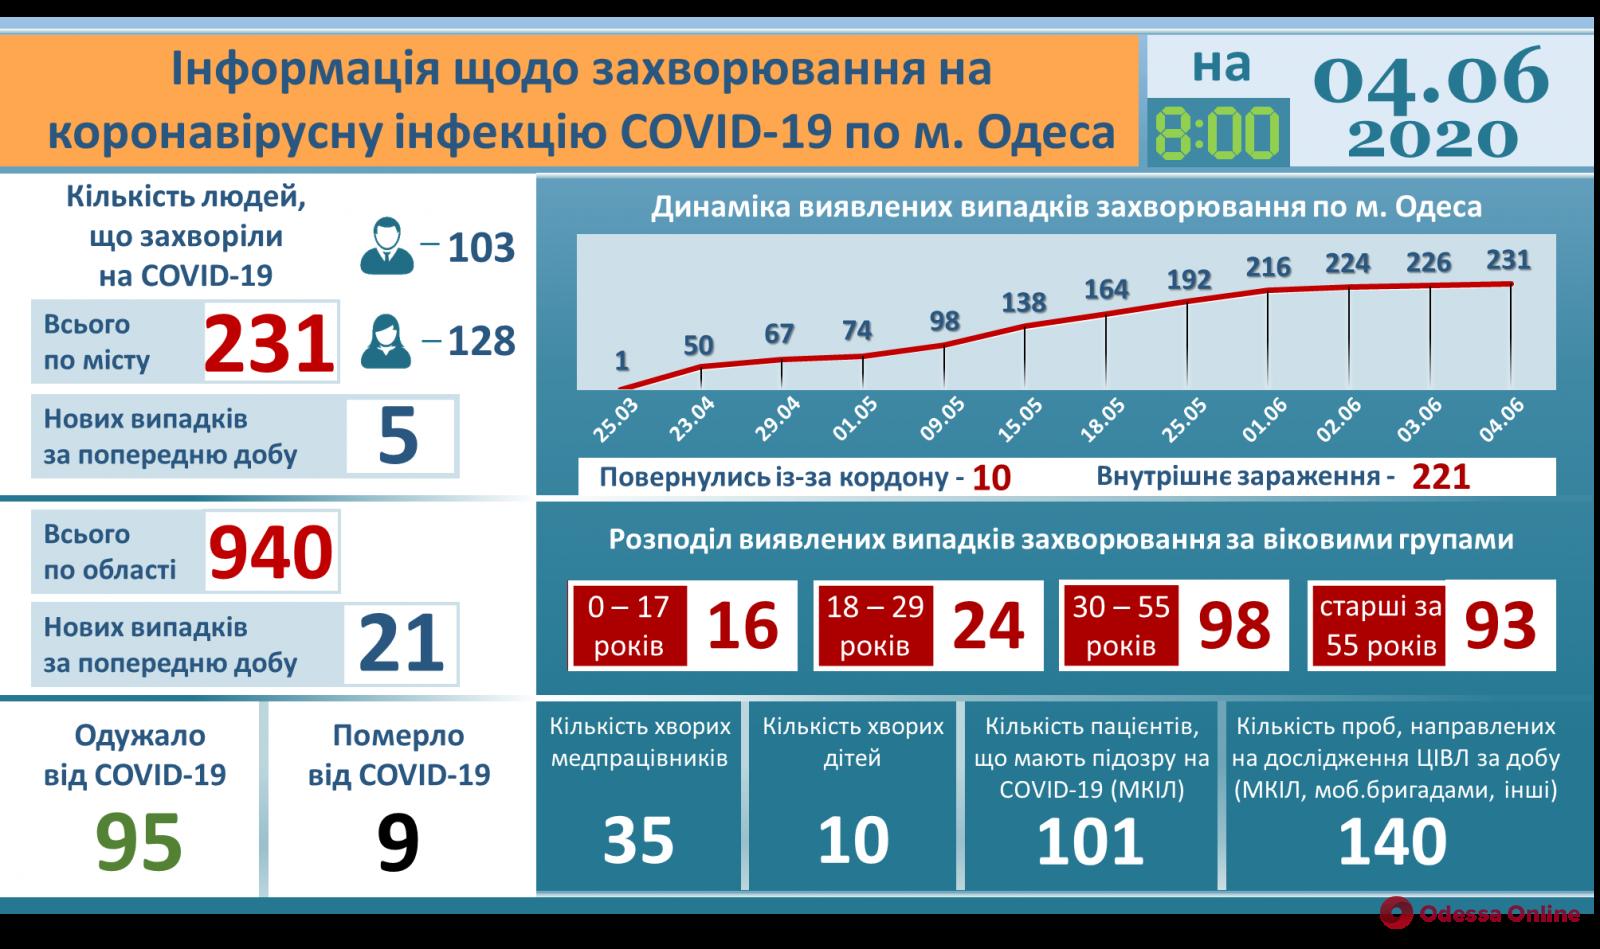 В одесскую инфекционку за сутки поступили 17 человек с подозрением на коронавирус